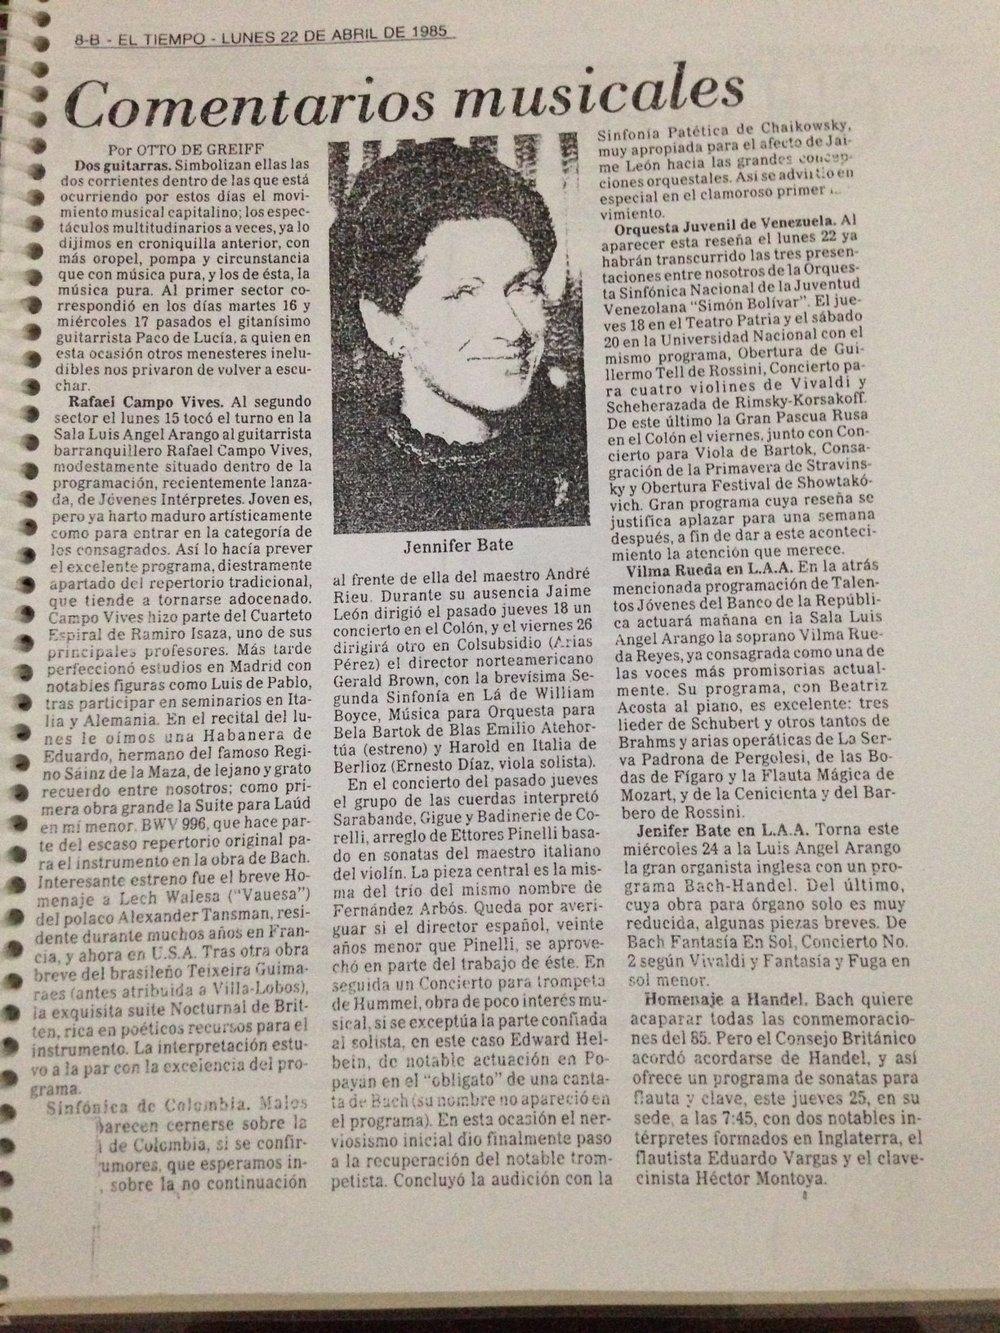 Otto de Greiff.  El Tiempo.  Sala Luis Ángel Arango. Bogotá. 1985